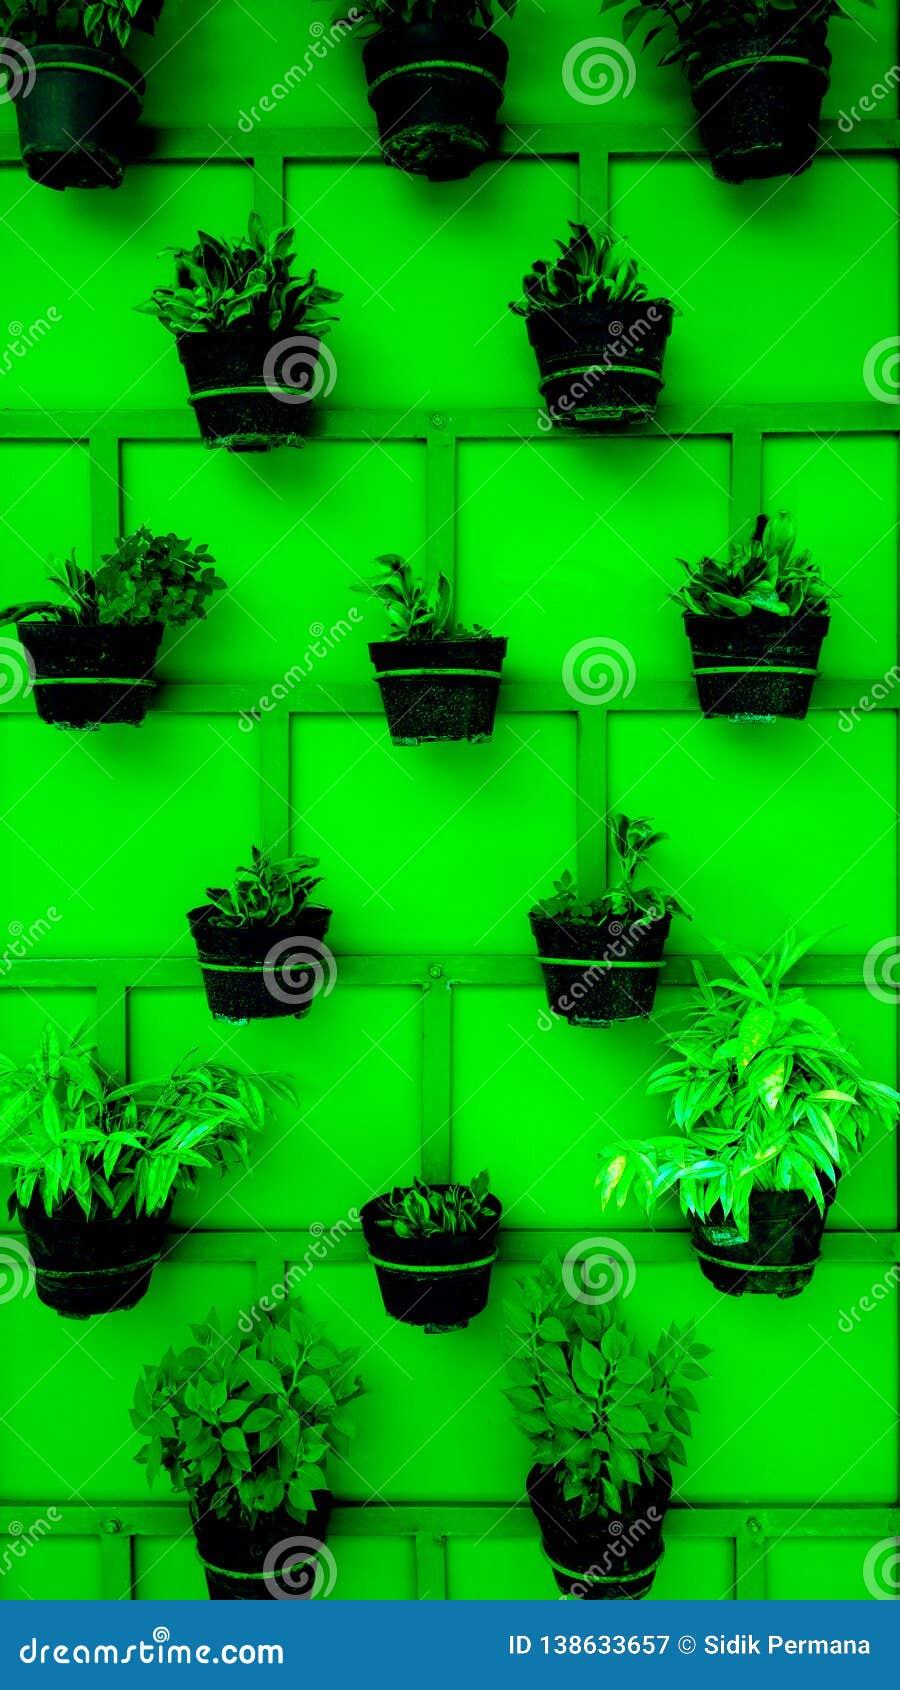 Växtkrukor som ordnas trevligt på väggen